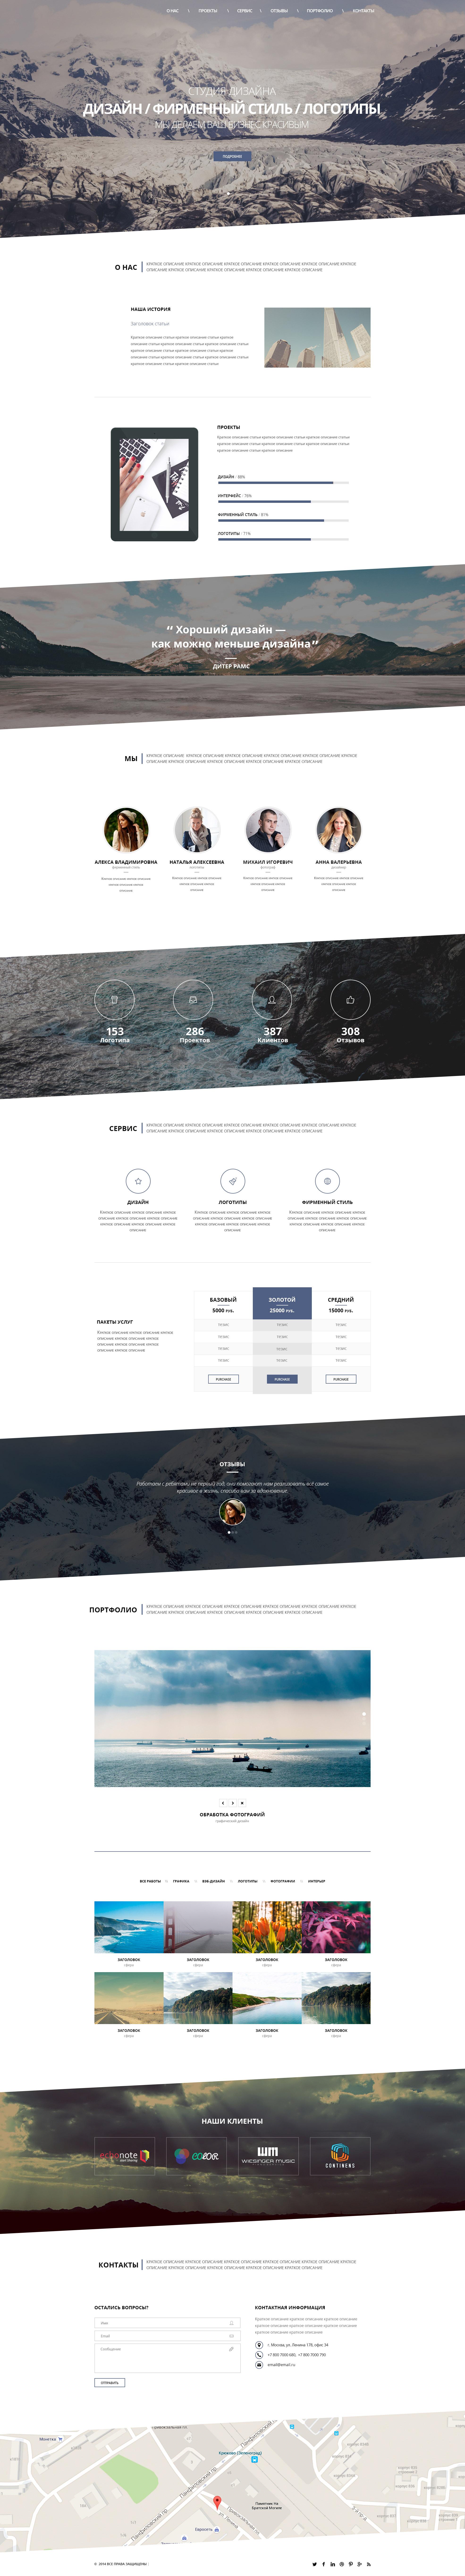 Разработка дизайна landing page для студии дизайна